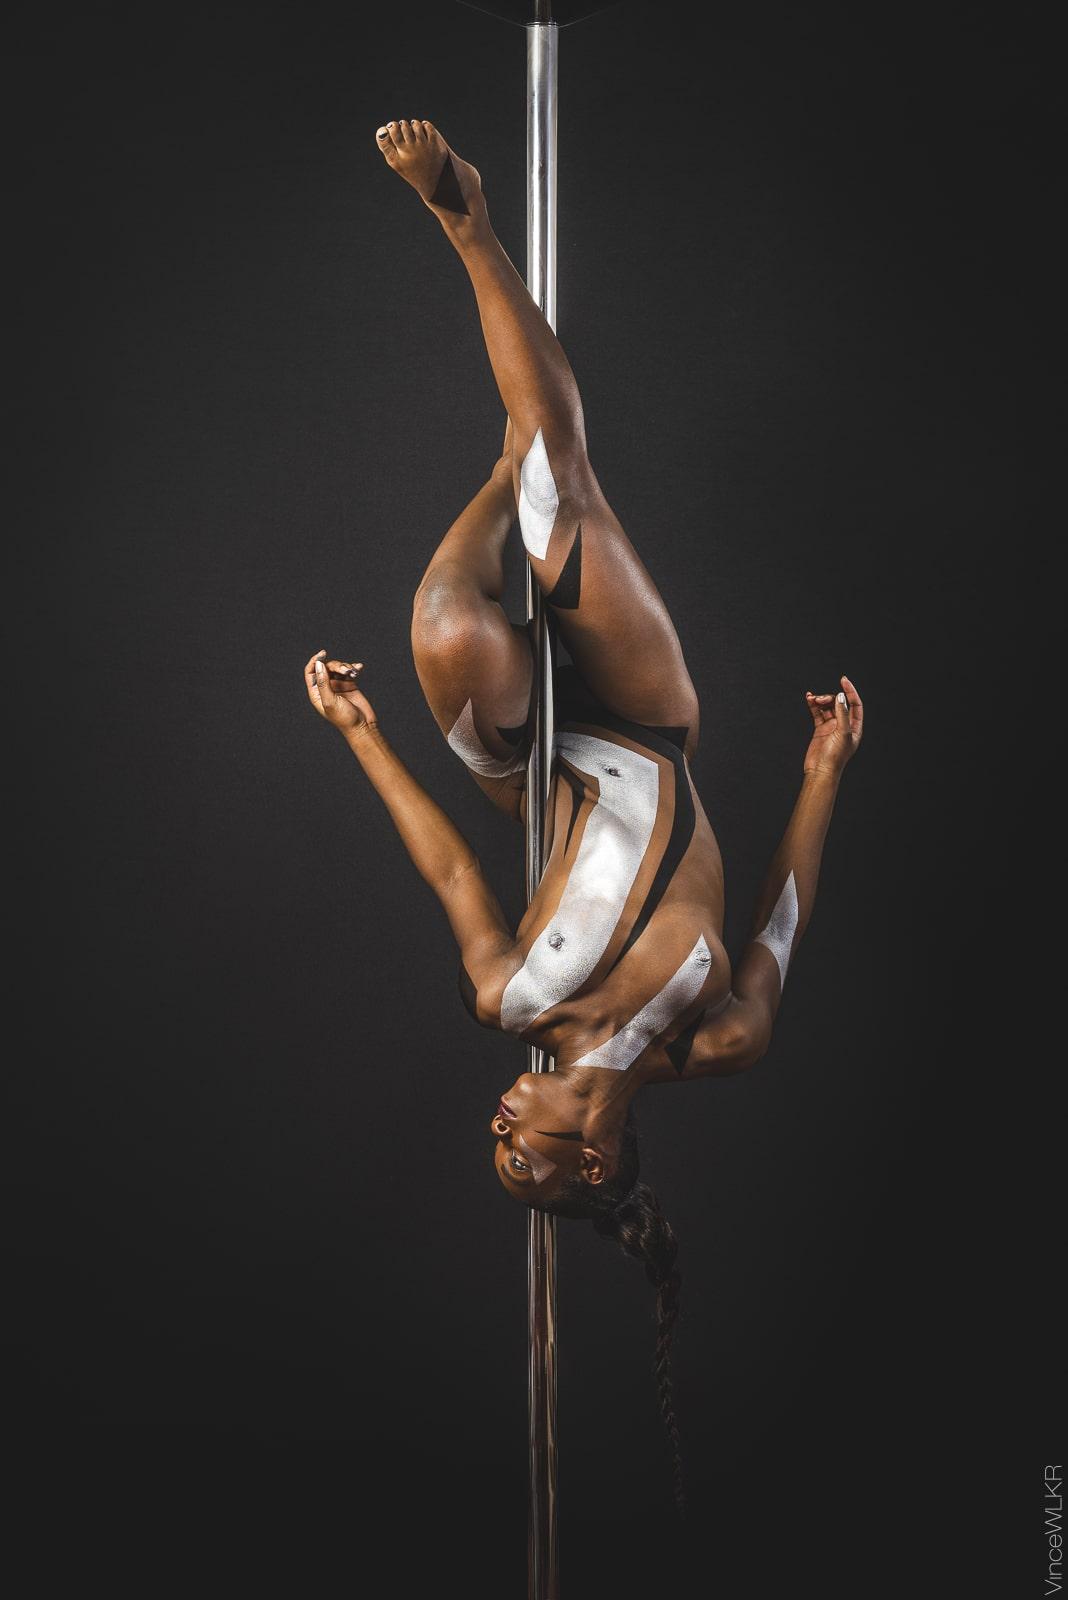 photo pole danse danseuse bodypainting